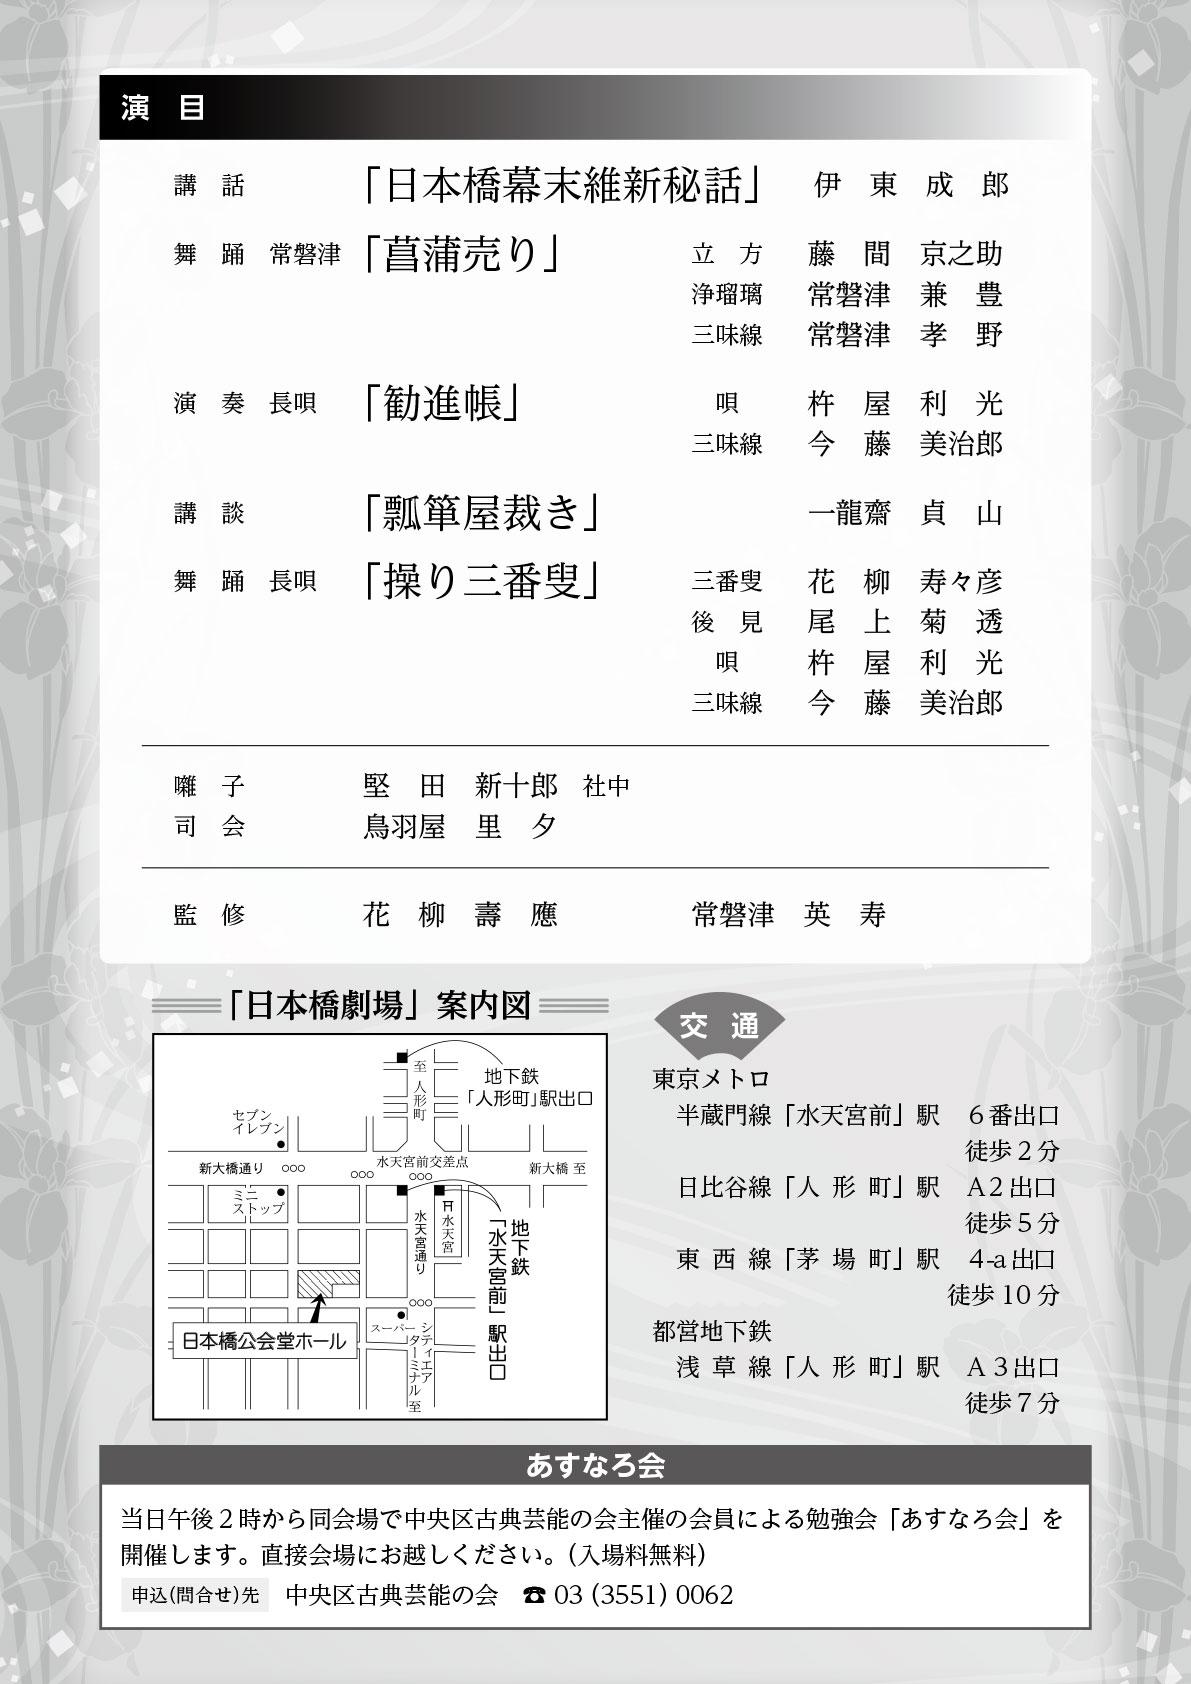 第21回古典芸能鑑賞会